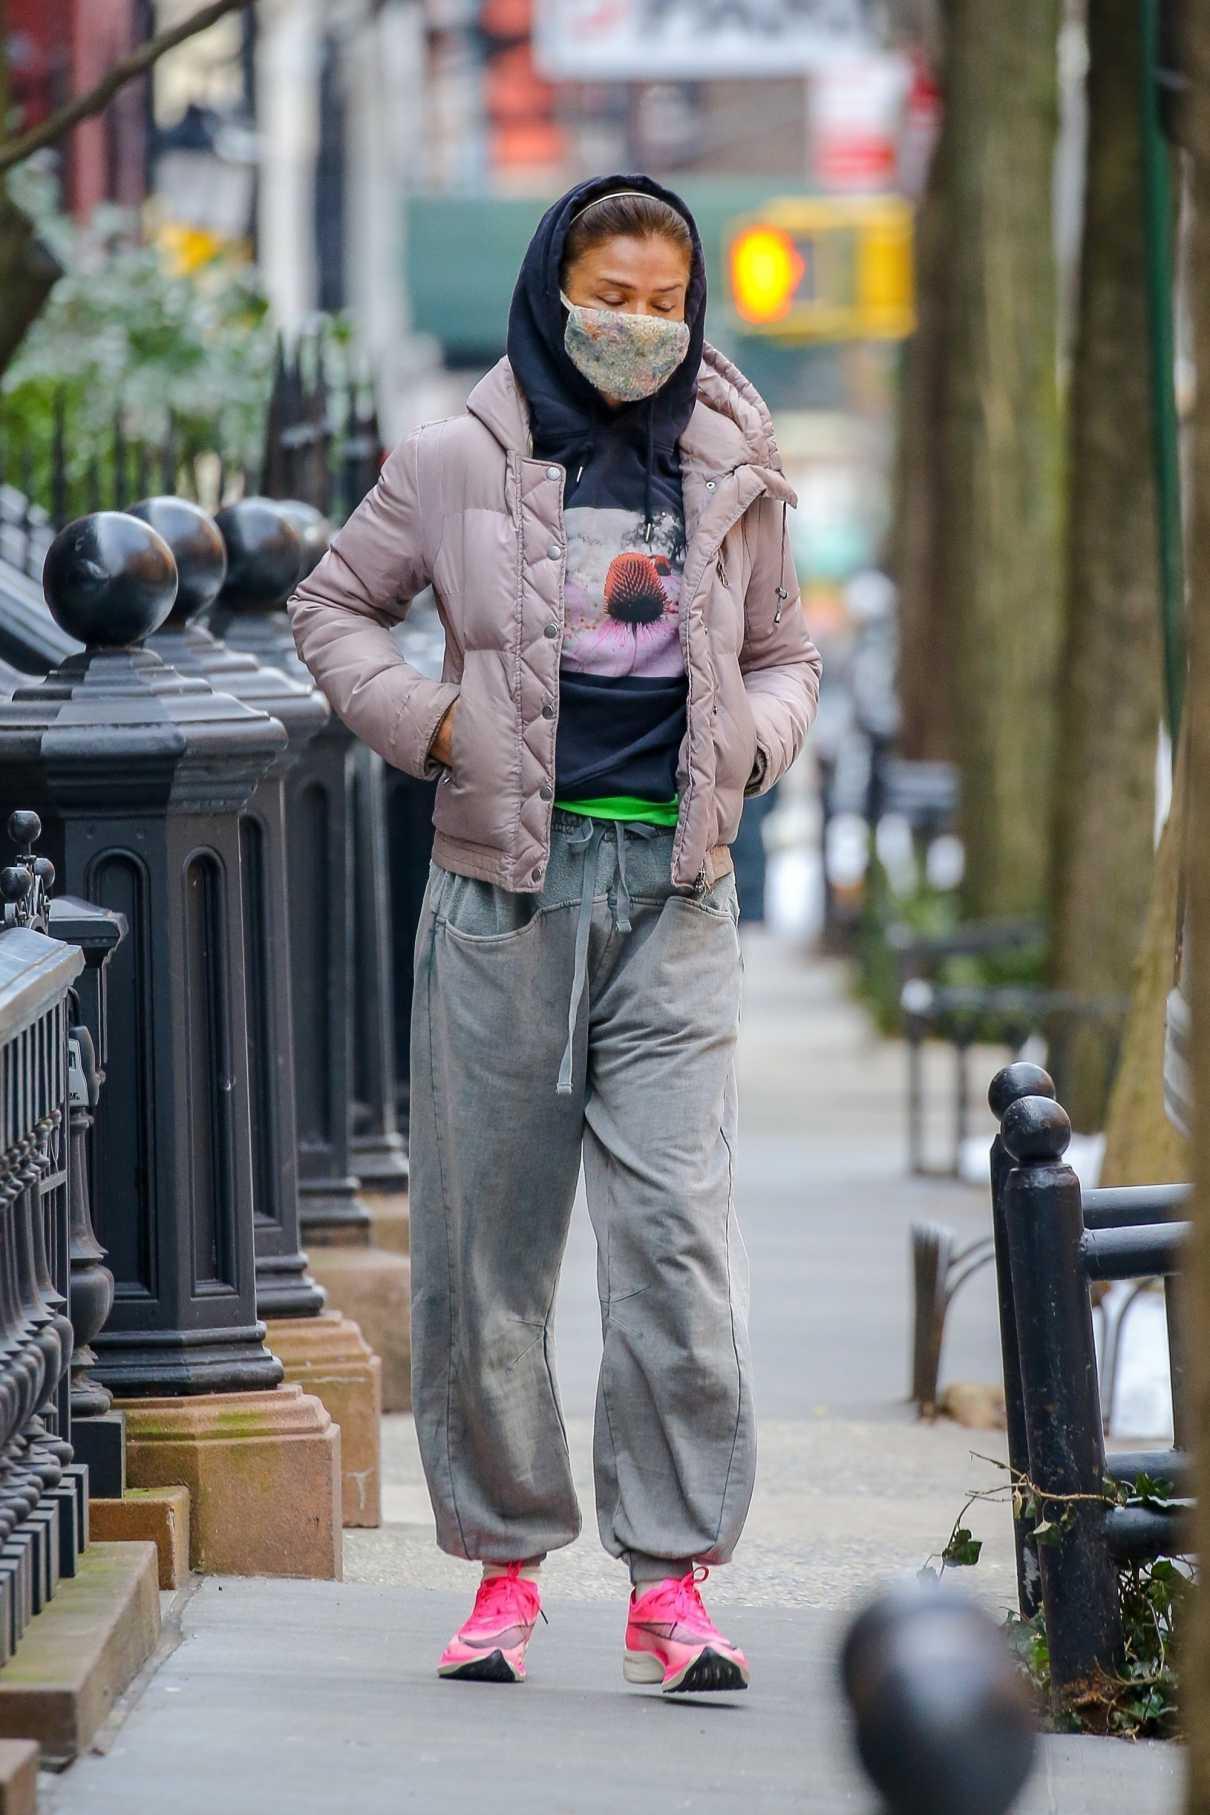 Helena Christensen in a Pink Jacket